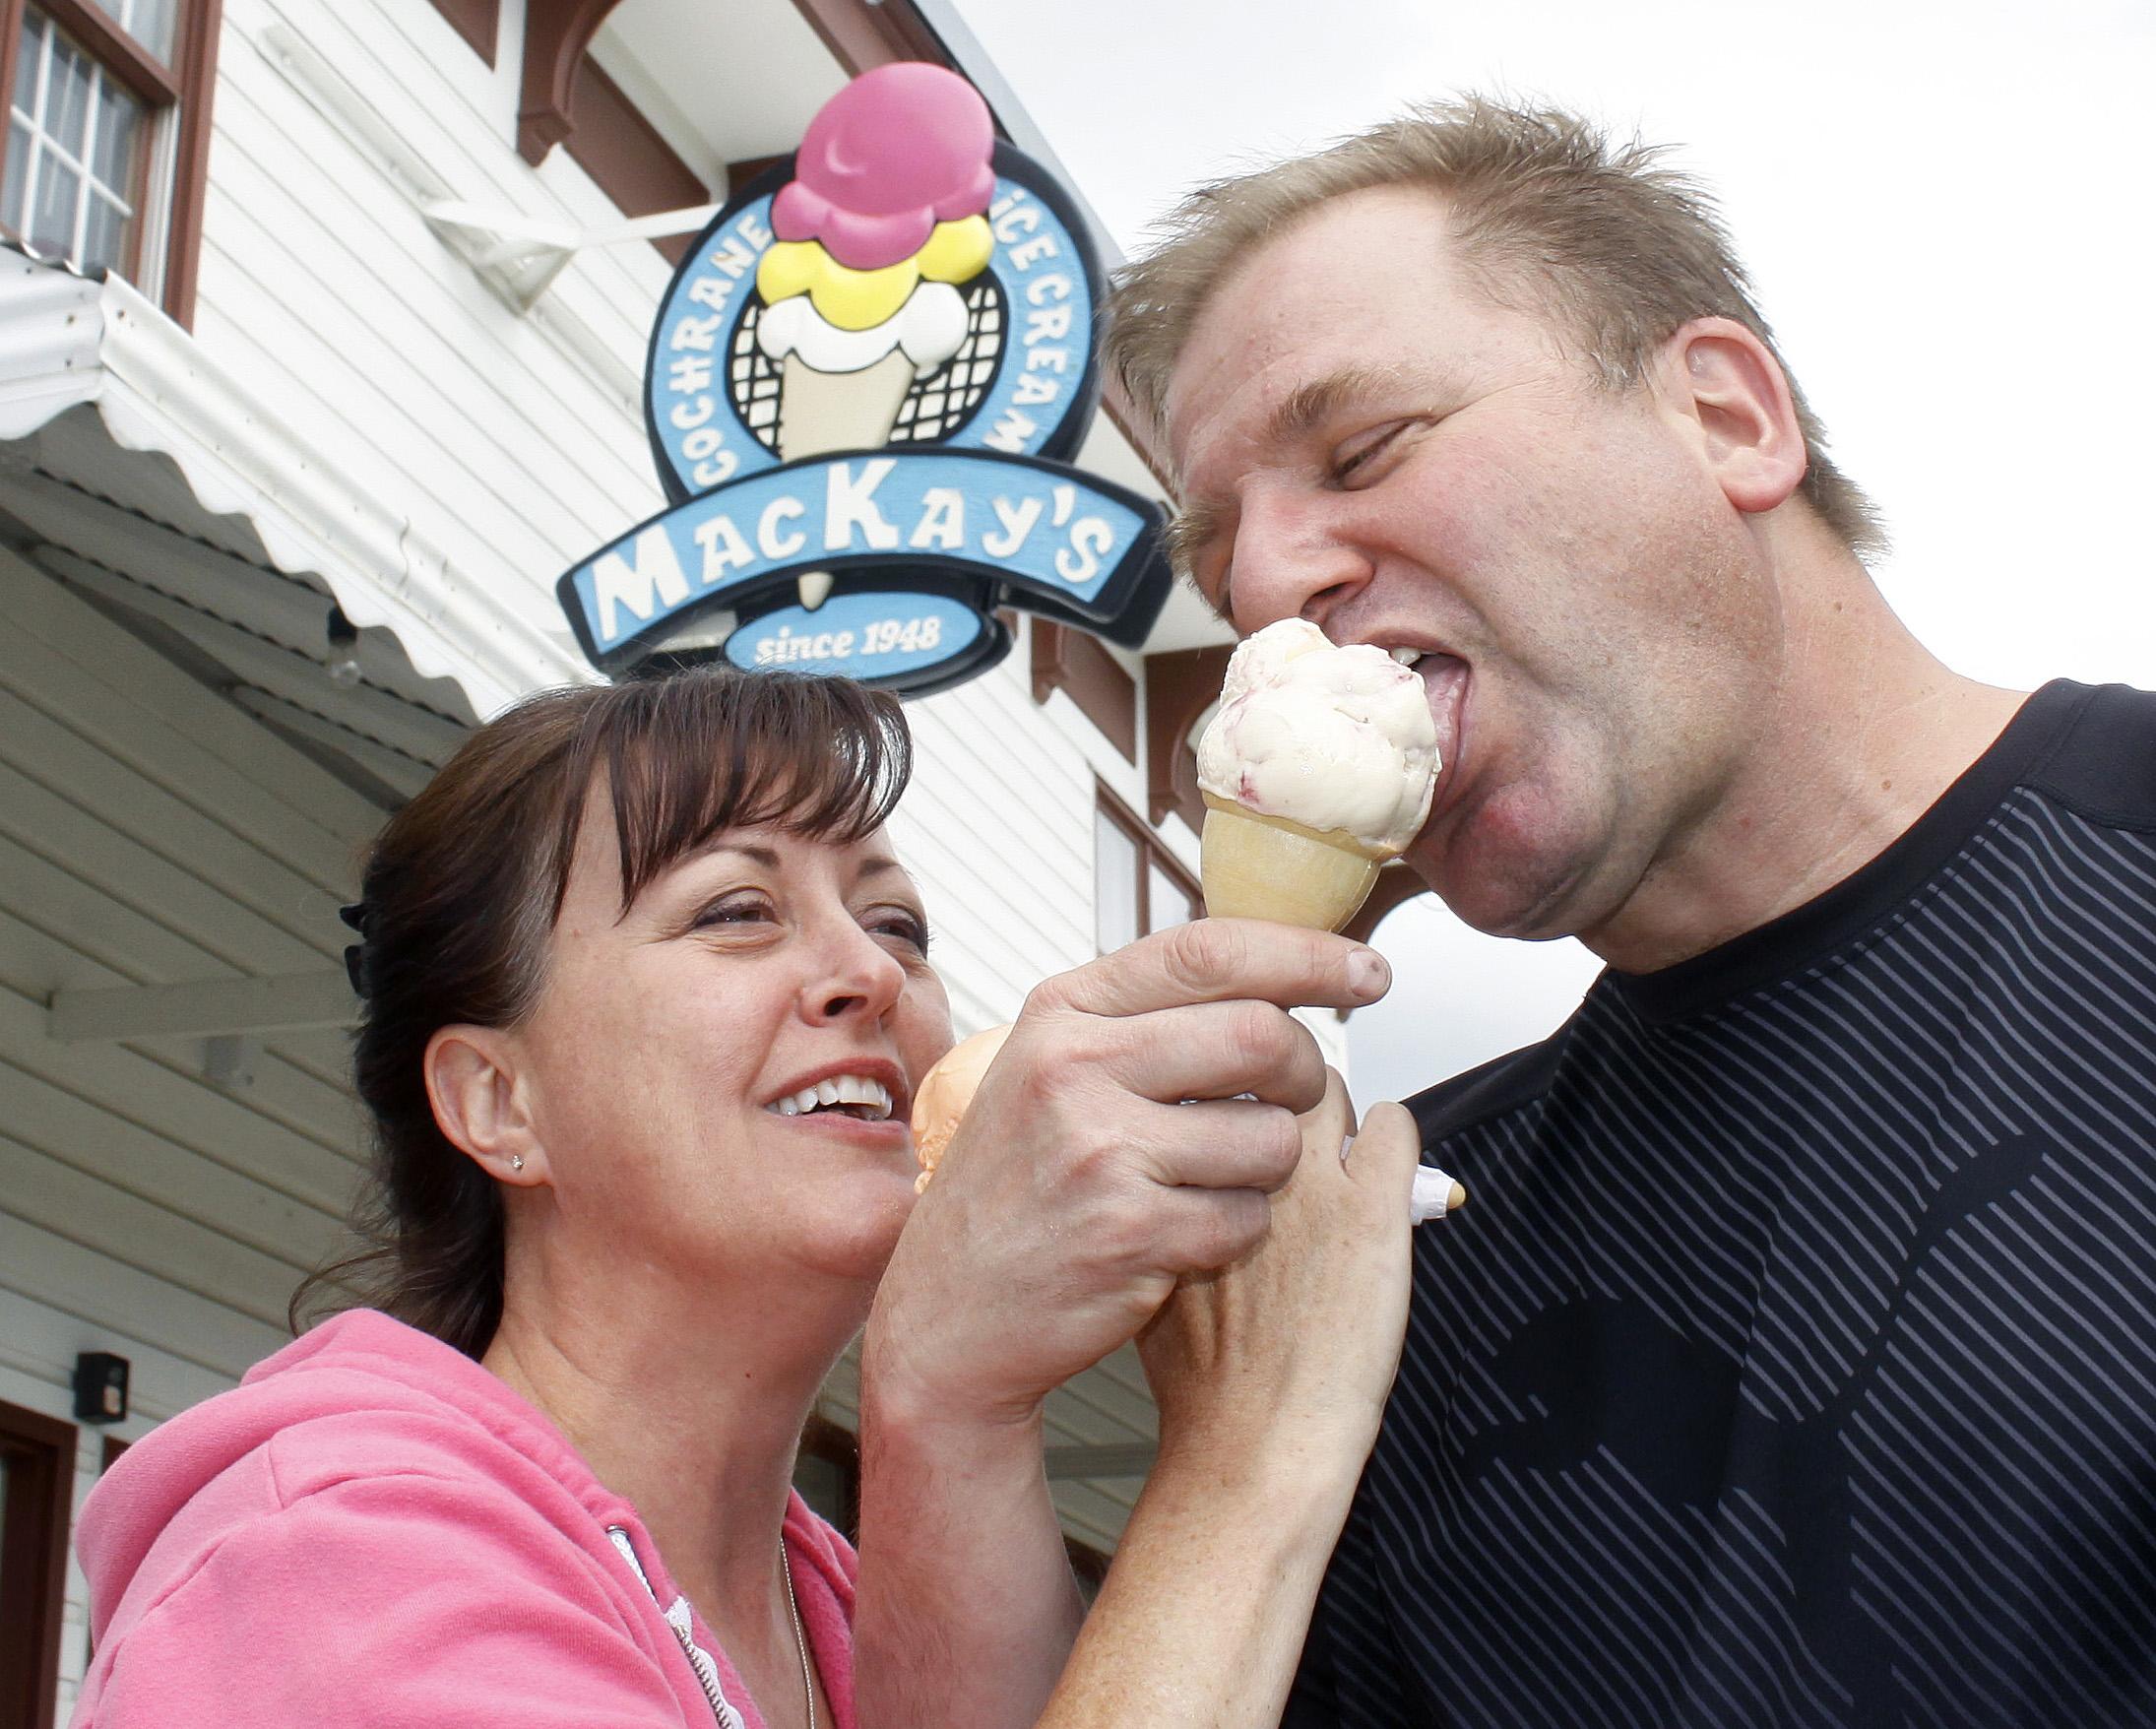 MacKay's Ice Cream